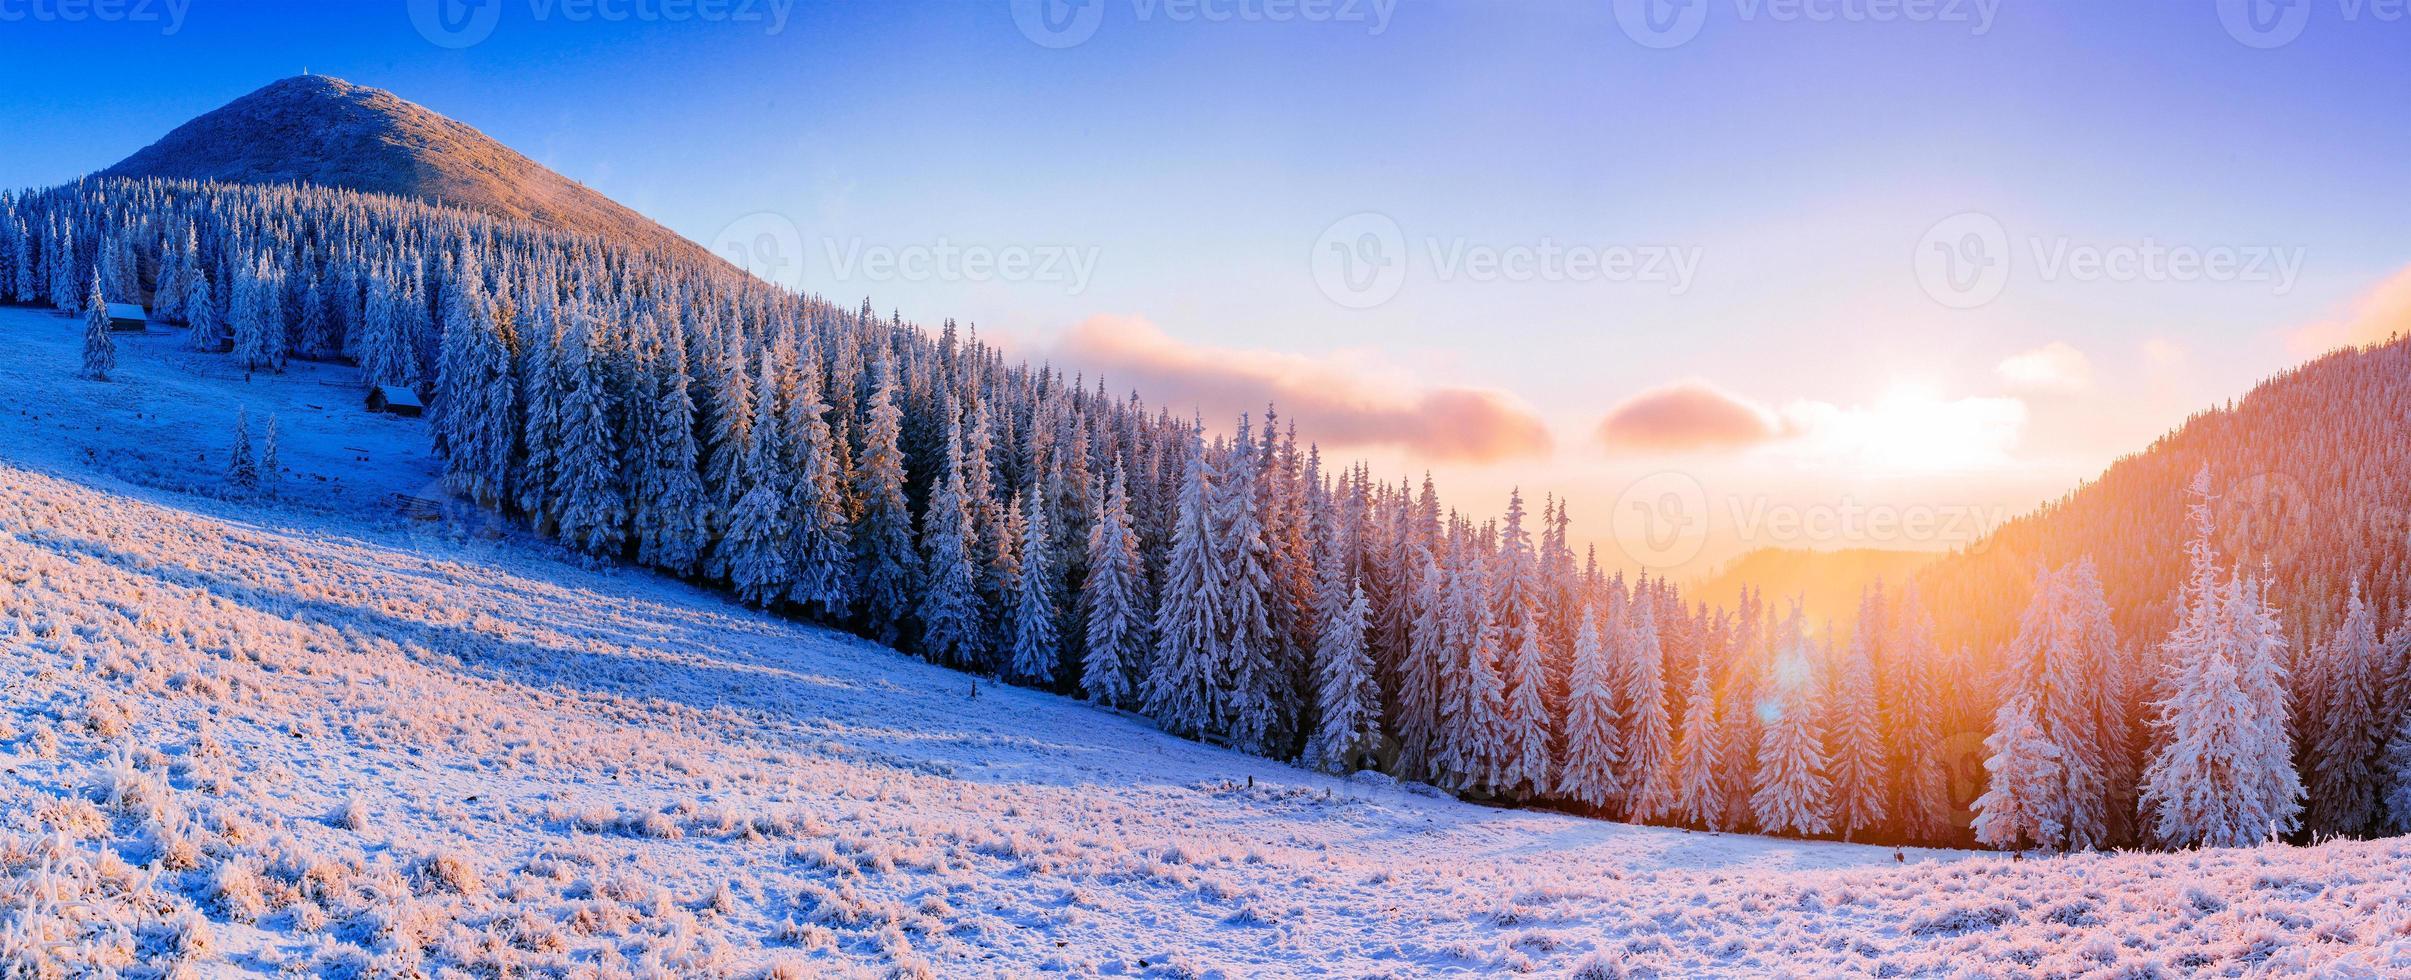 árvores de paisagem de inverno no gelo foto